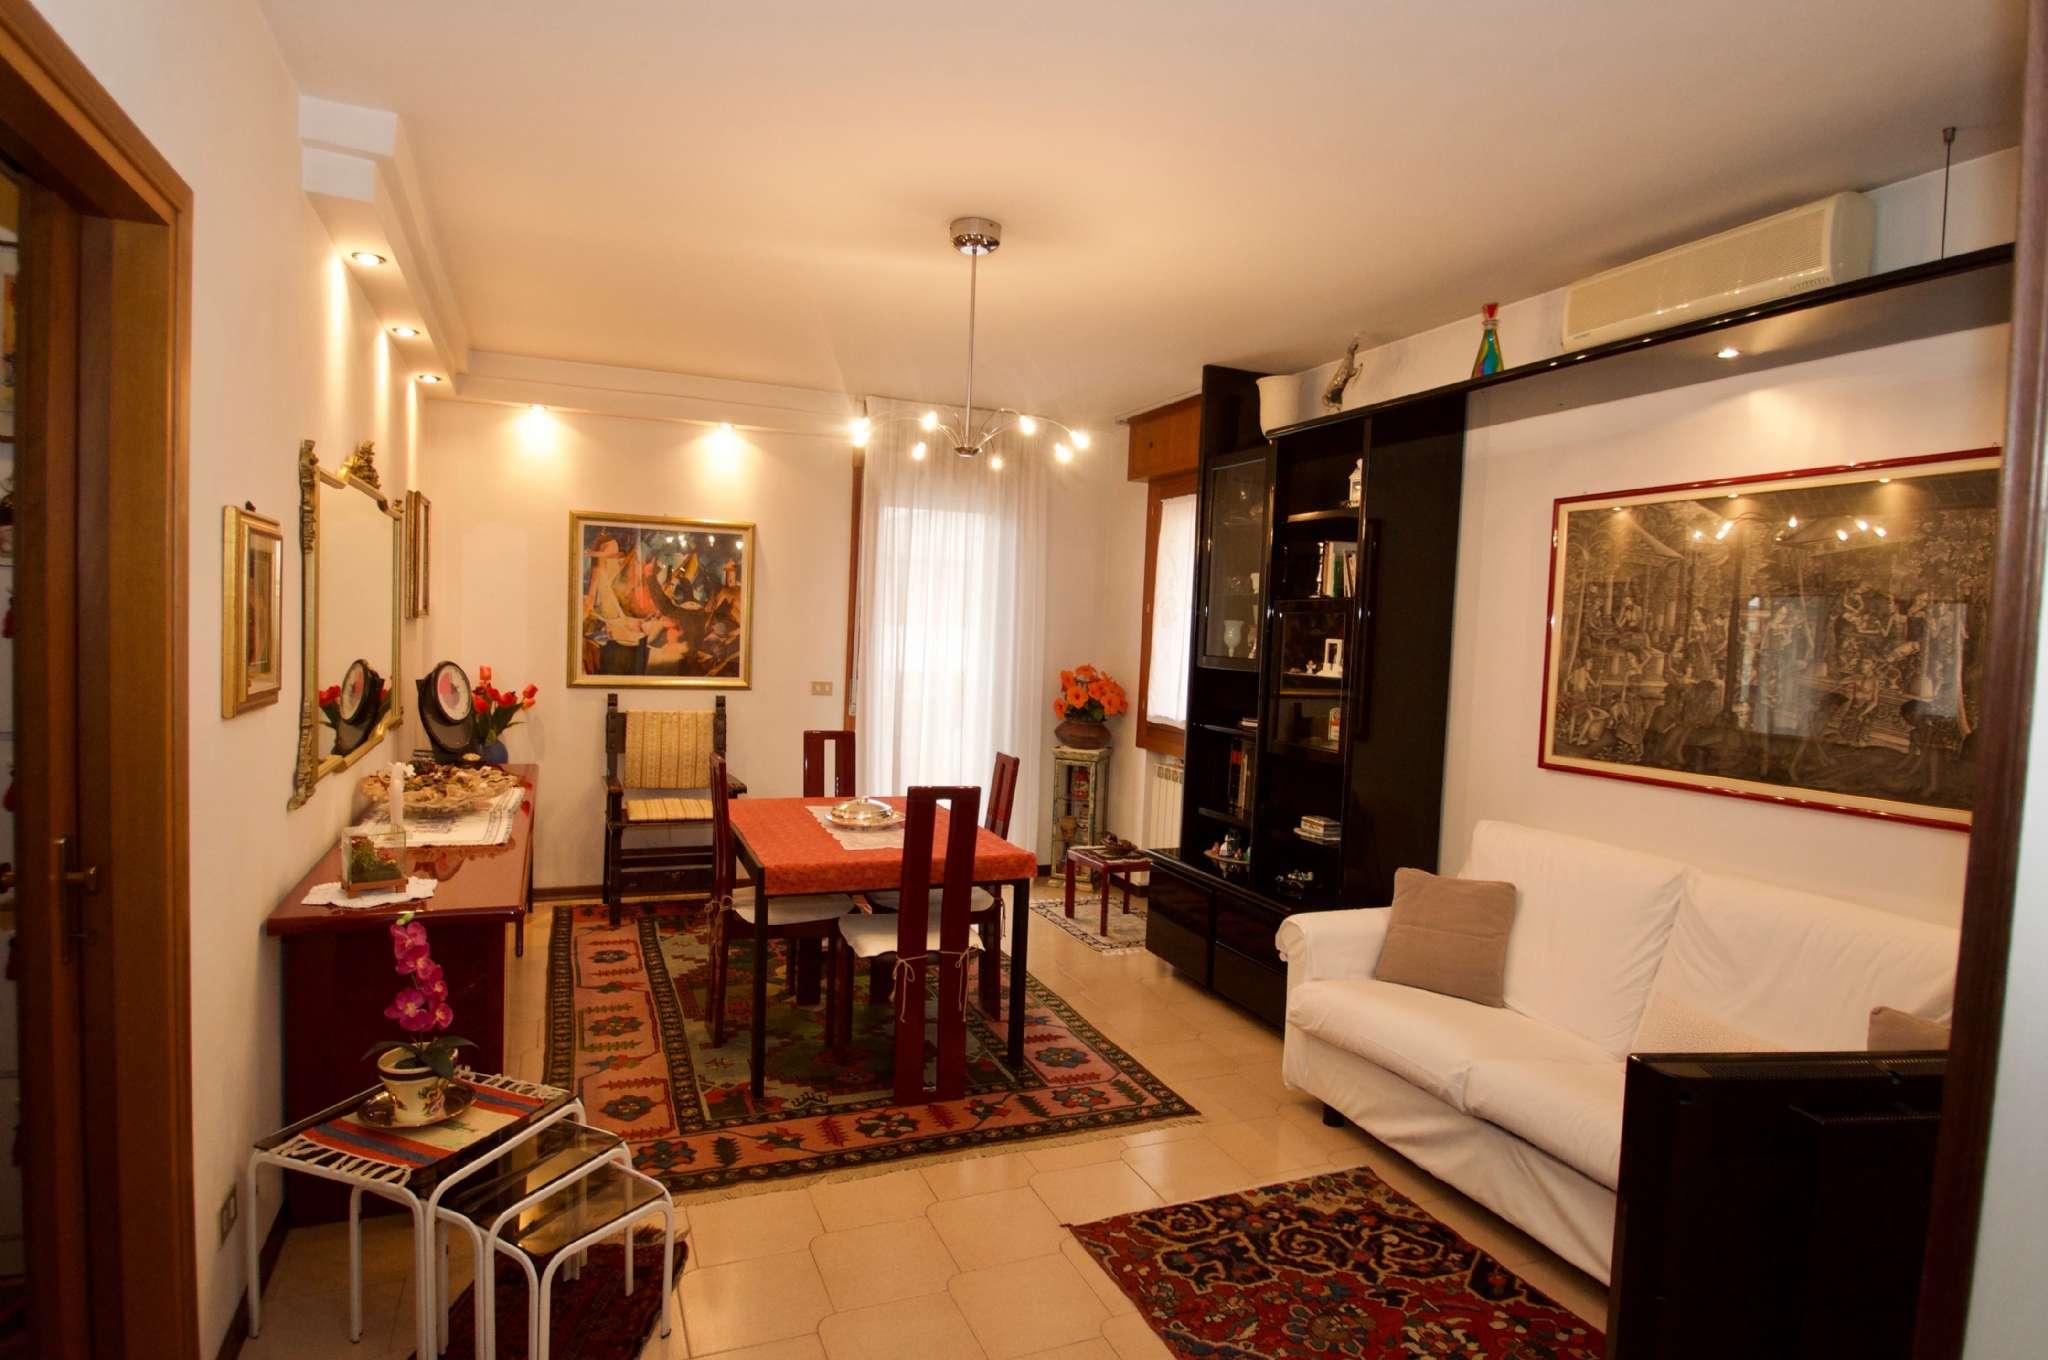 Appartamento in vendita a Maserà di Padova, 4 locali, prezzo € 113.000 | CambioCasa.it